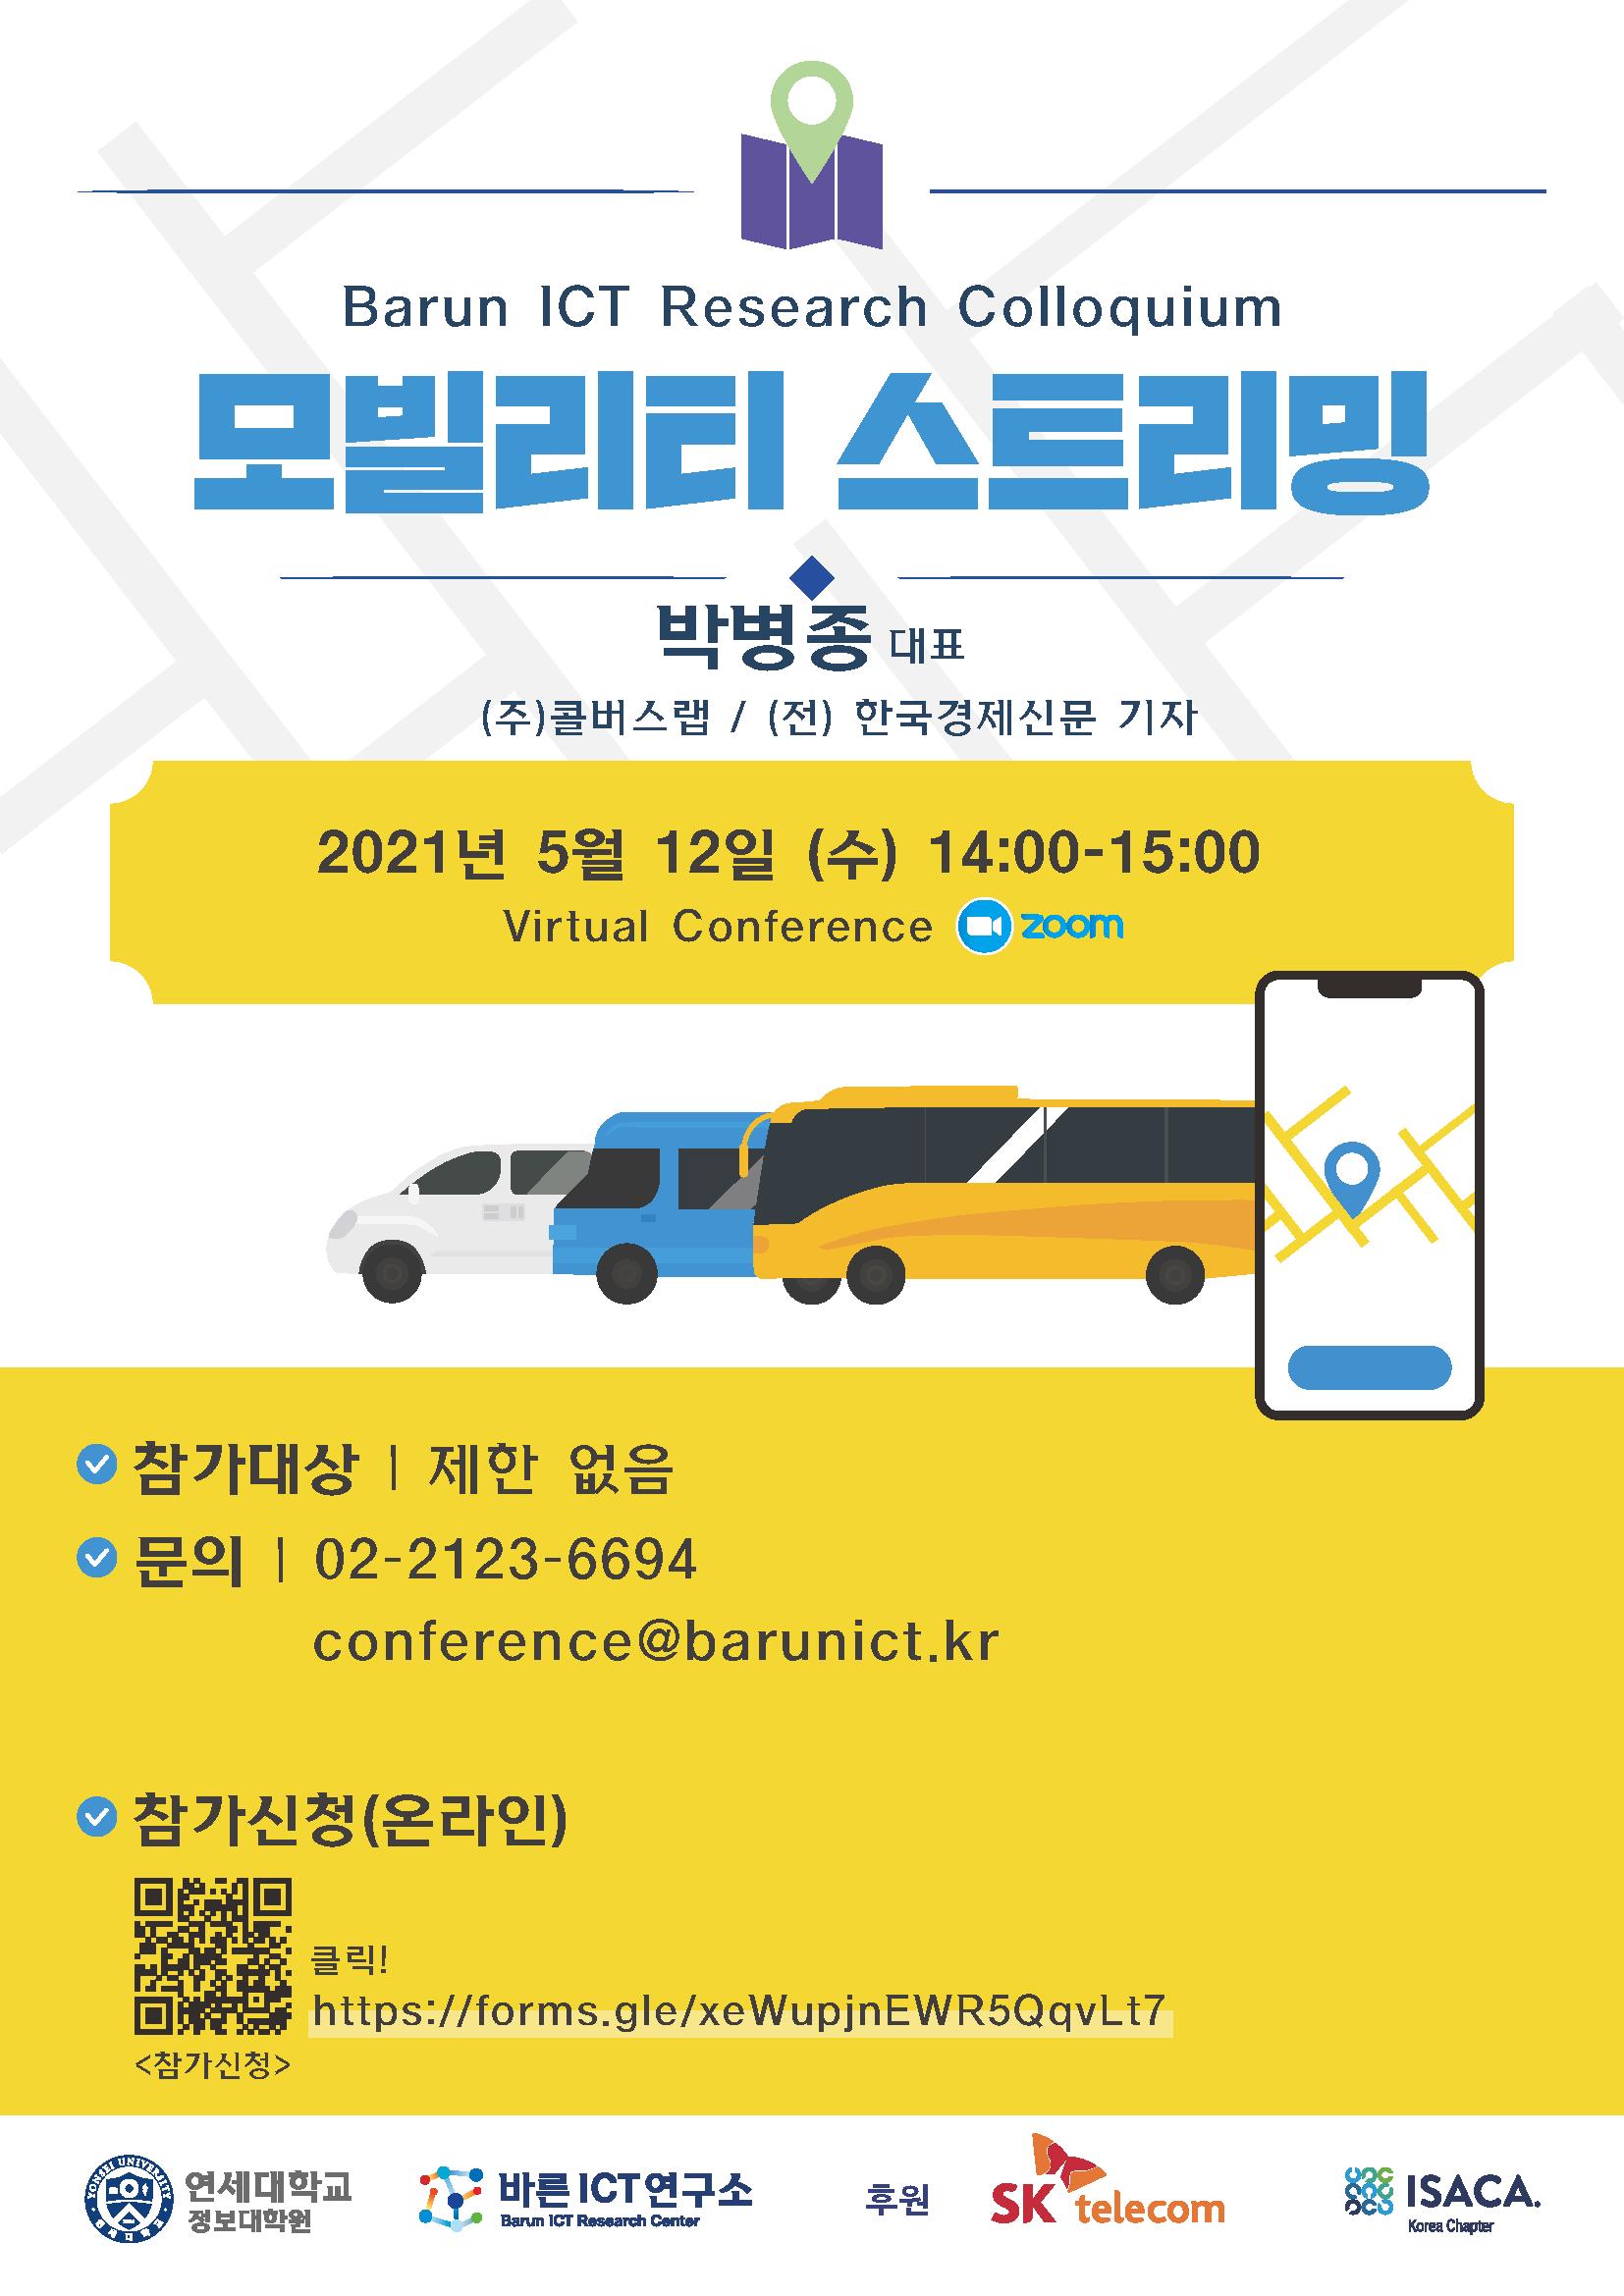 Barun ICT Research Colloquium 5월 12일(수) 14:00~